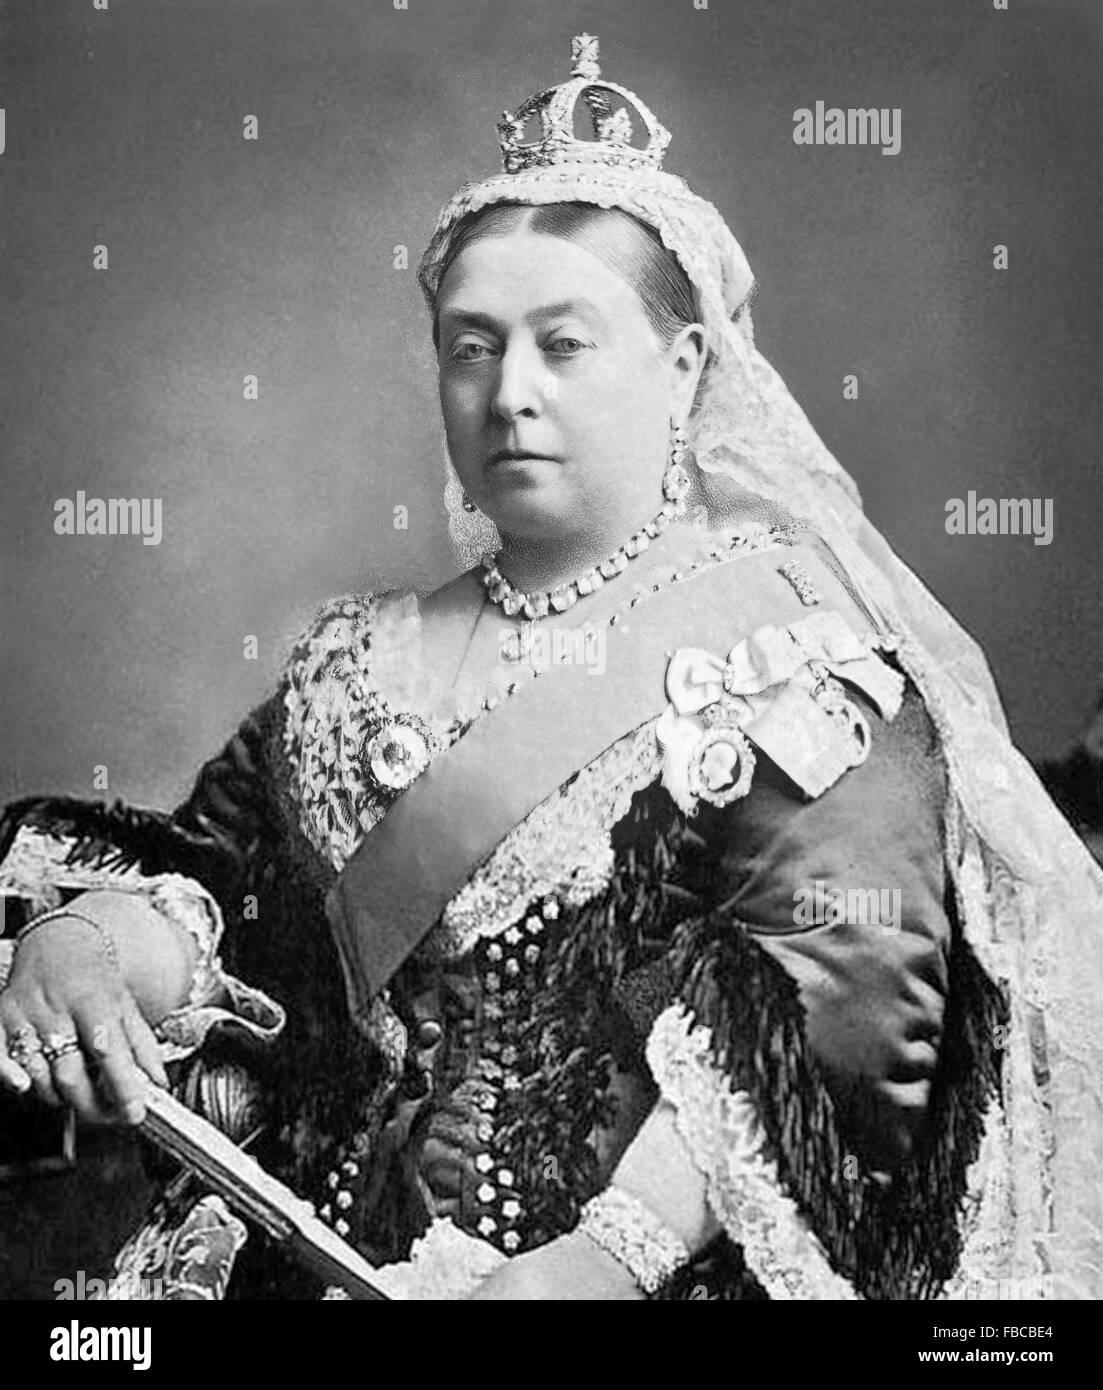 La reina Victoria. Alexander Bassano la fotografía de la reina Victoria utilizado para conmemorar su Jubileo Imagen De Stock